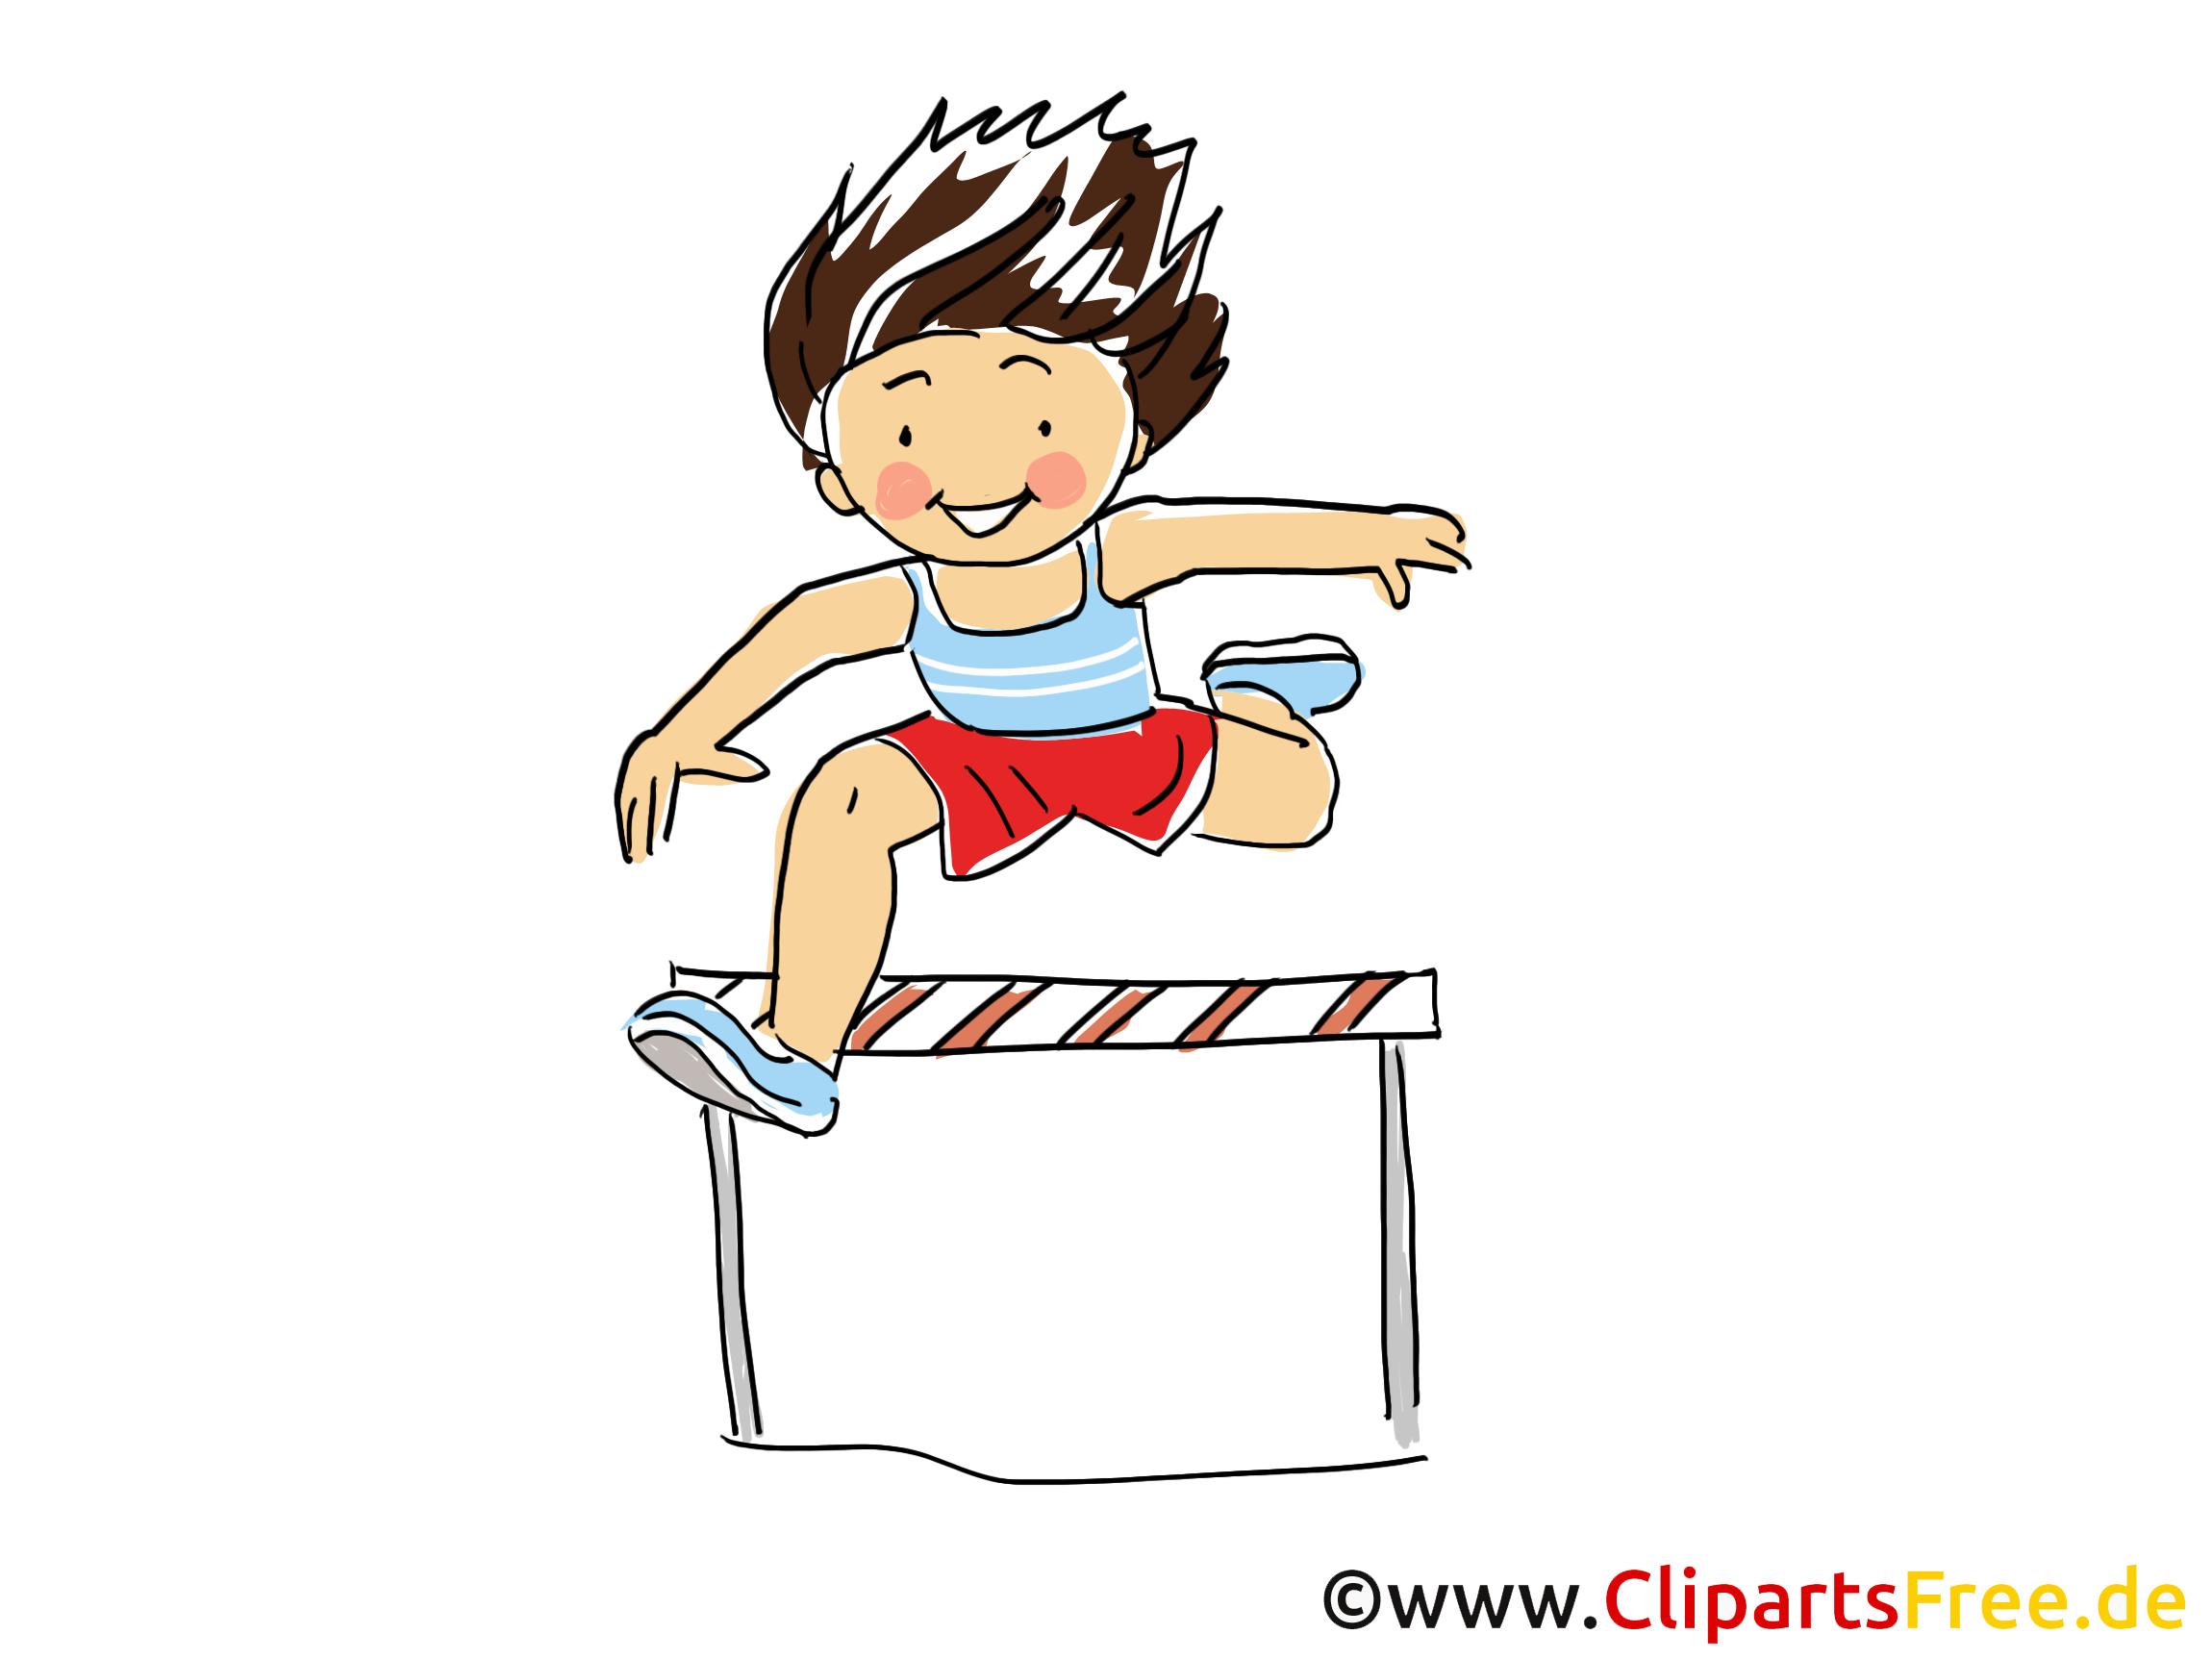 clipart gratuit sport course - photo #23